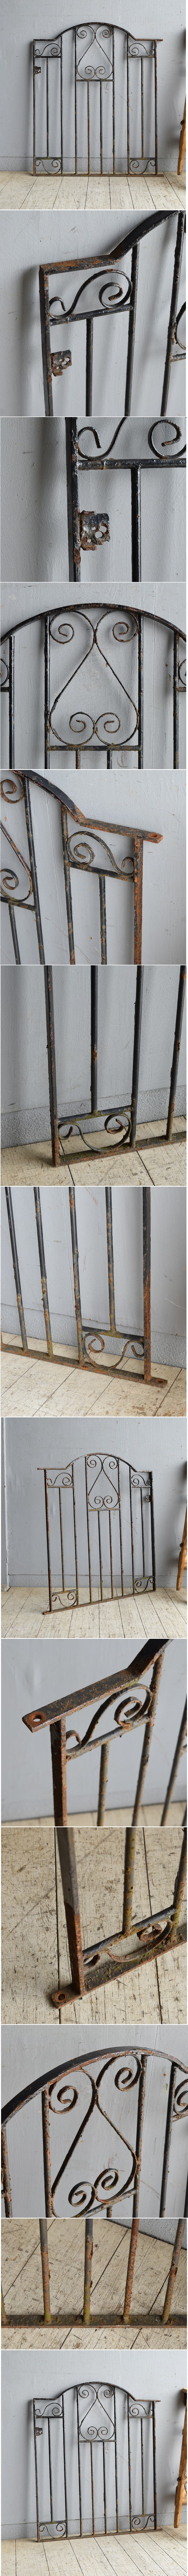 イギリス アンティーク アイアンフェンス ゲート柵 ガーデニング 8563